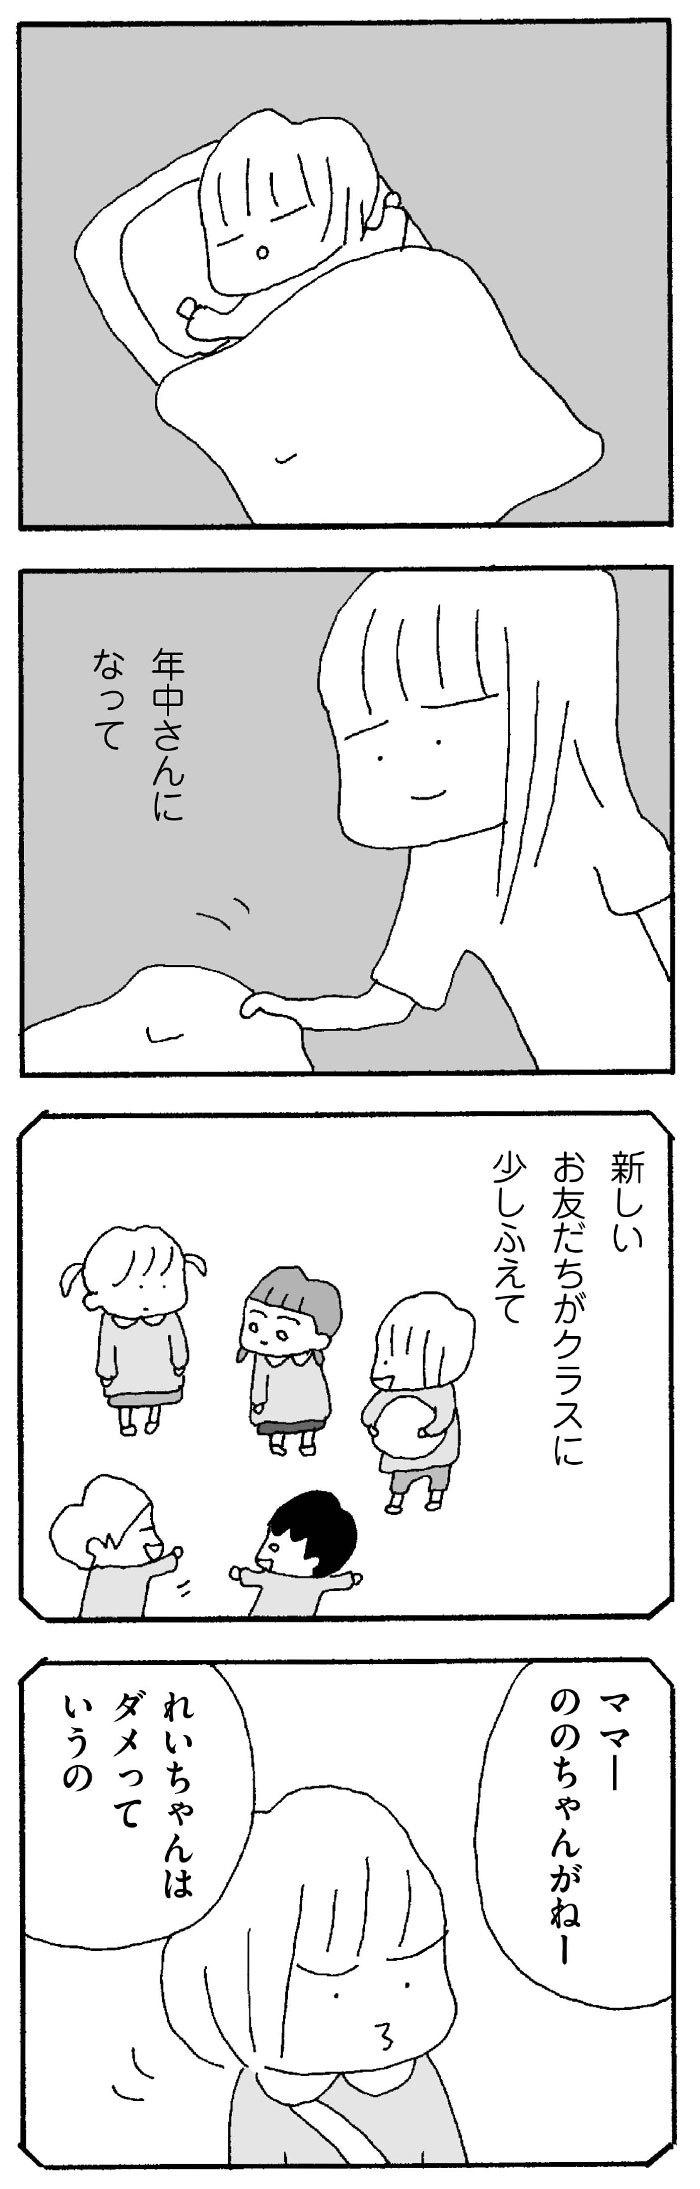 【連載】ママ友がこわい 第3話 「仲間はずれにされている私には、相談するママ友がいない」の画像19